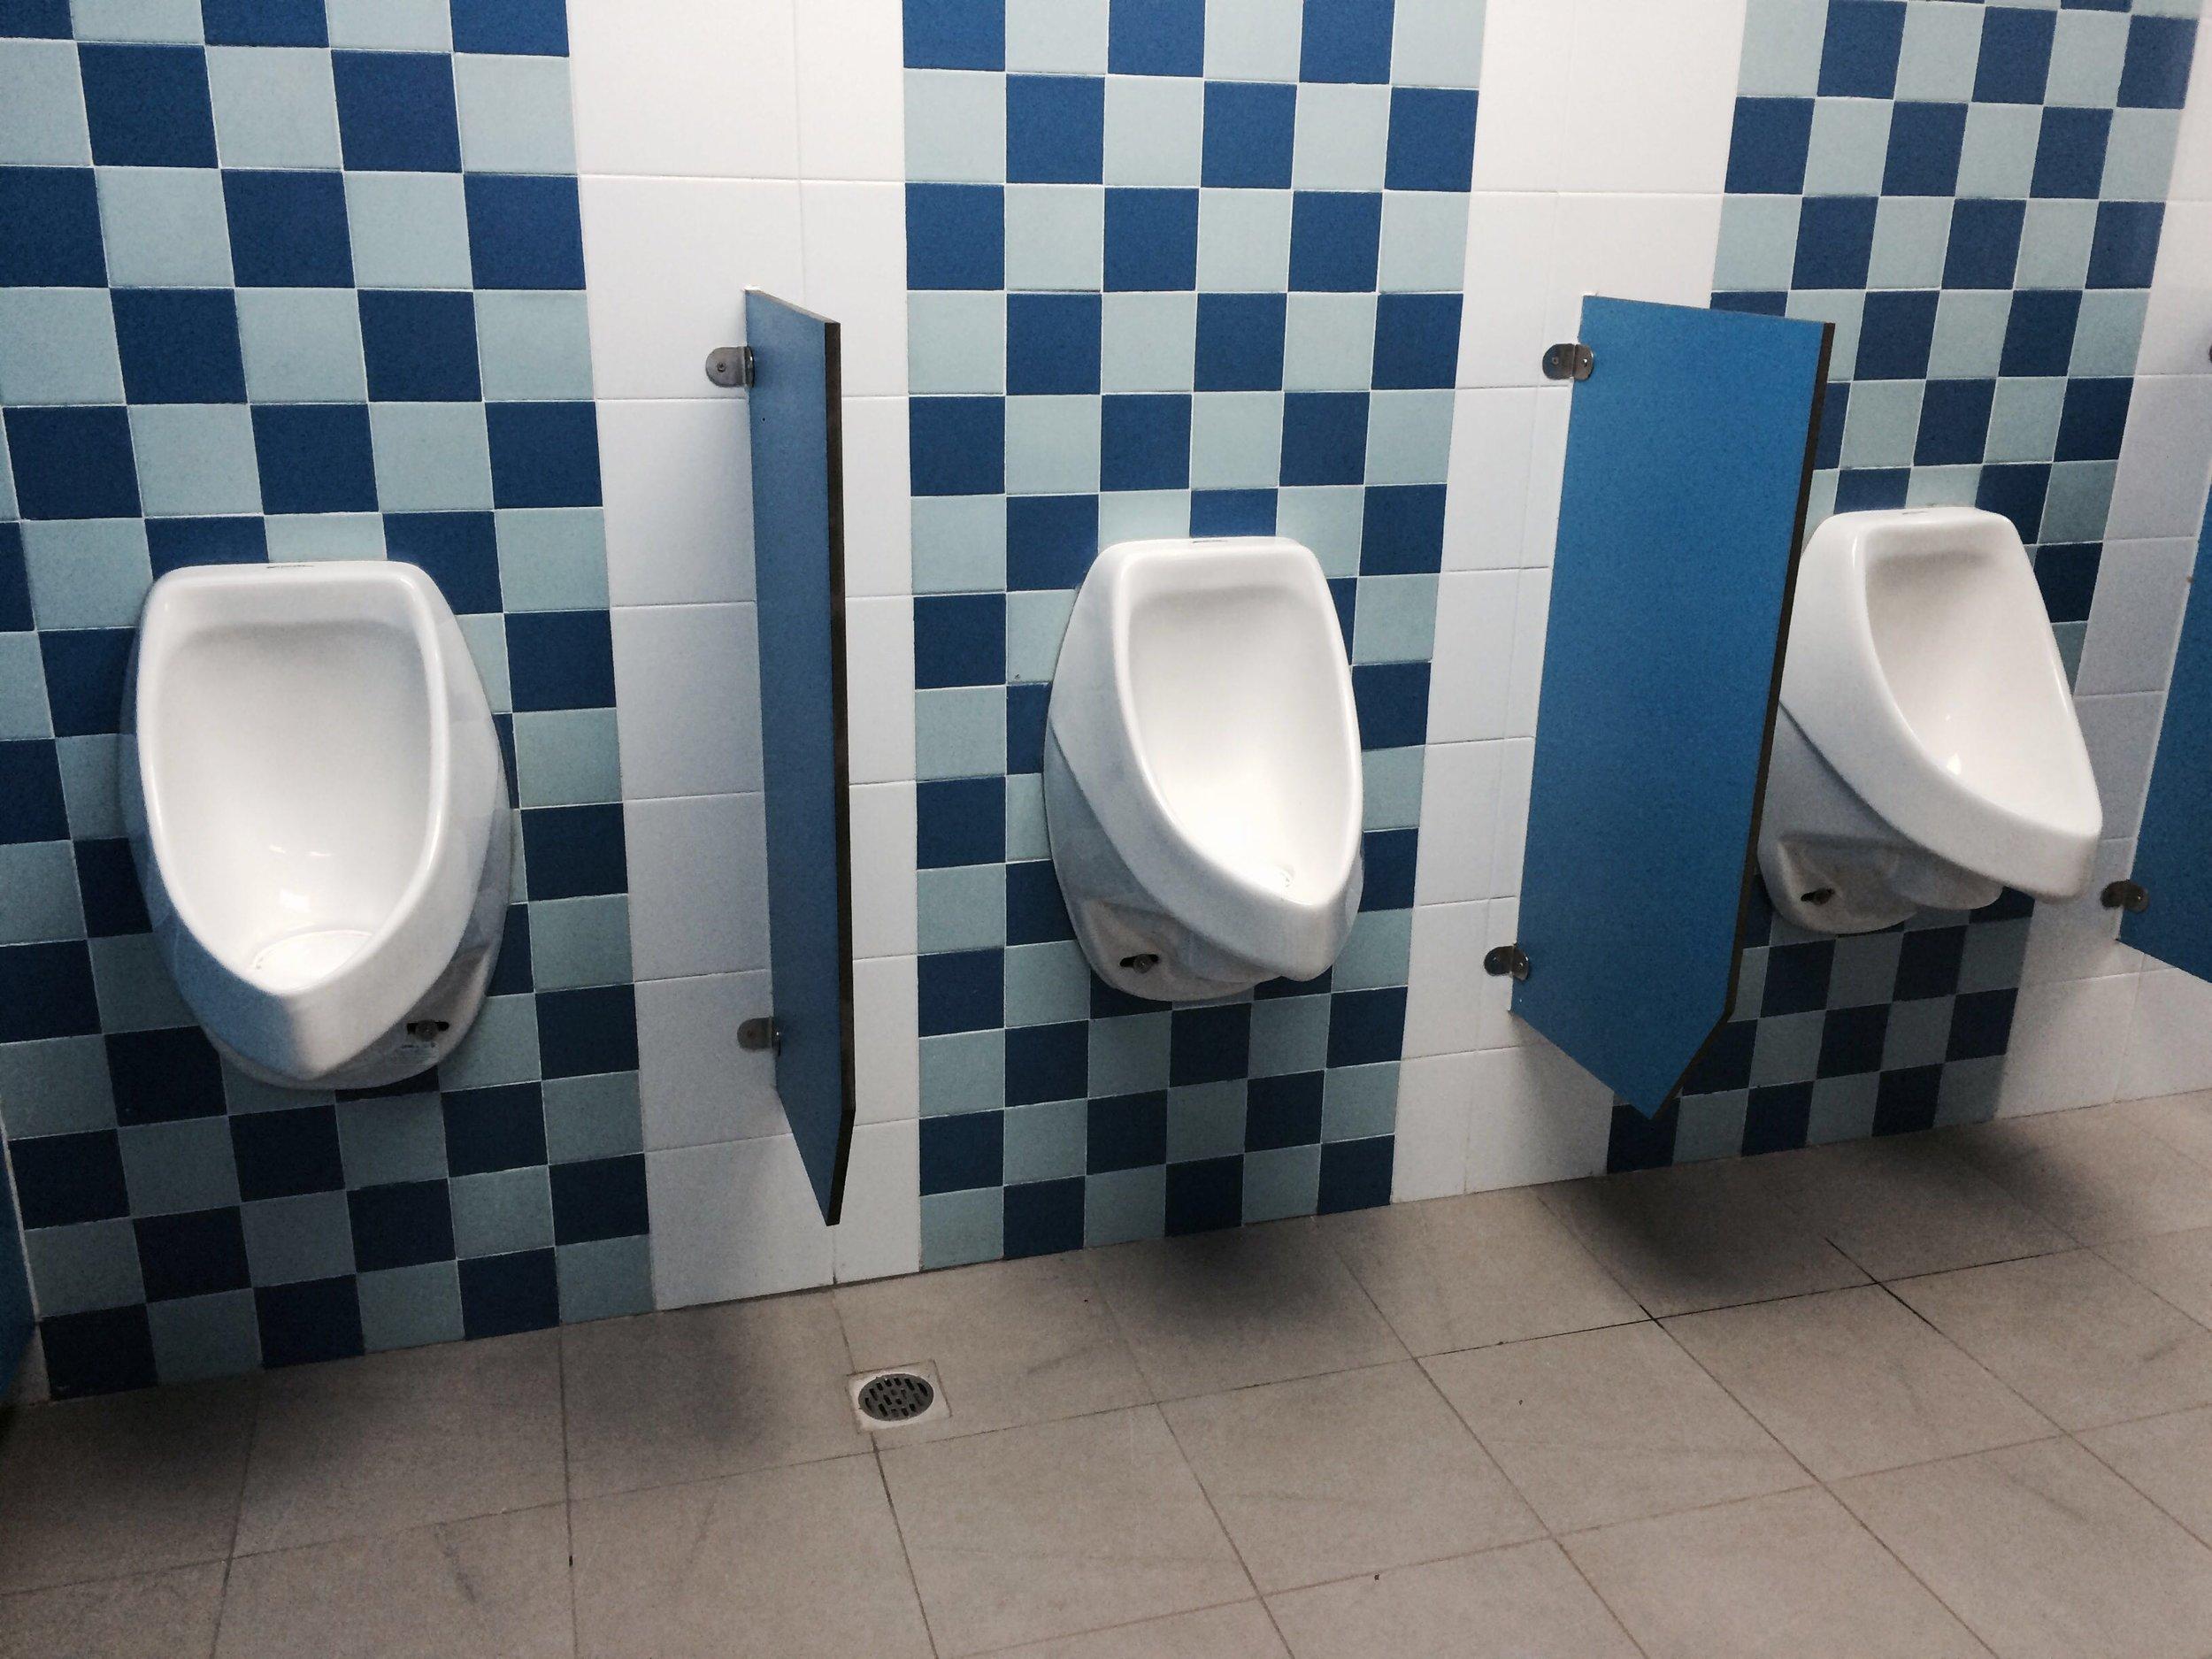 waterless urinals installed